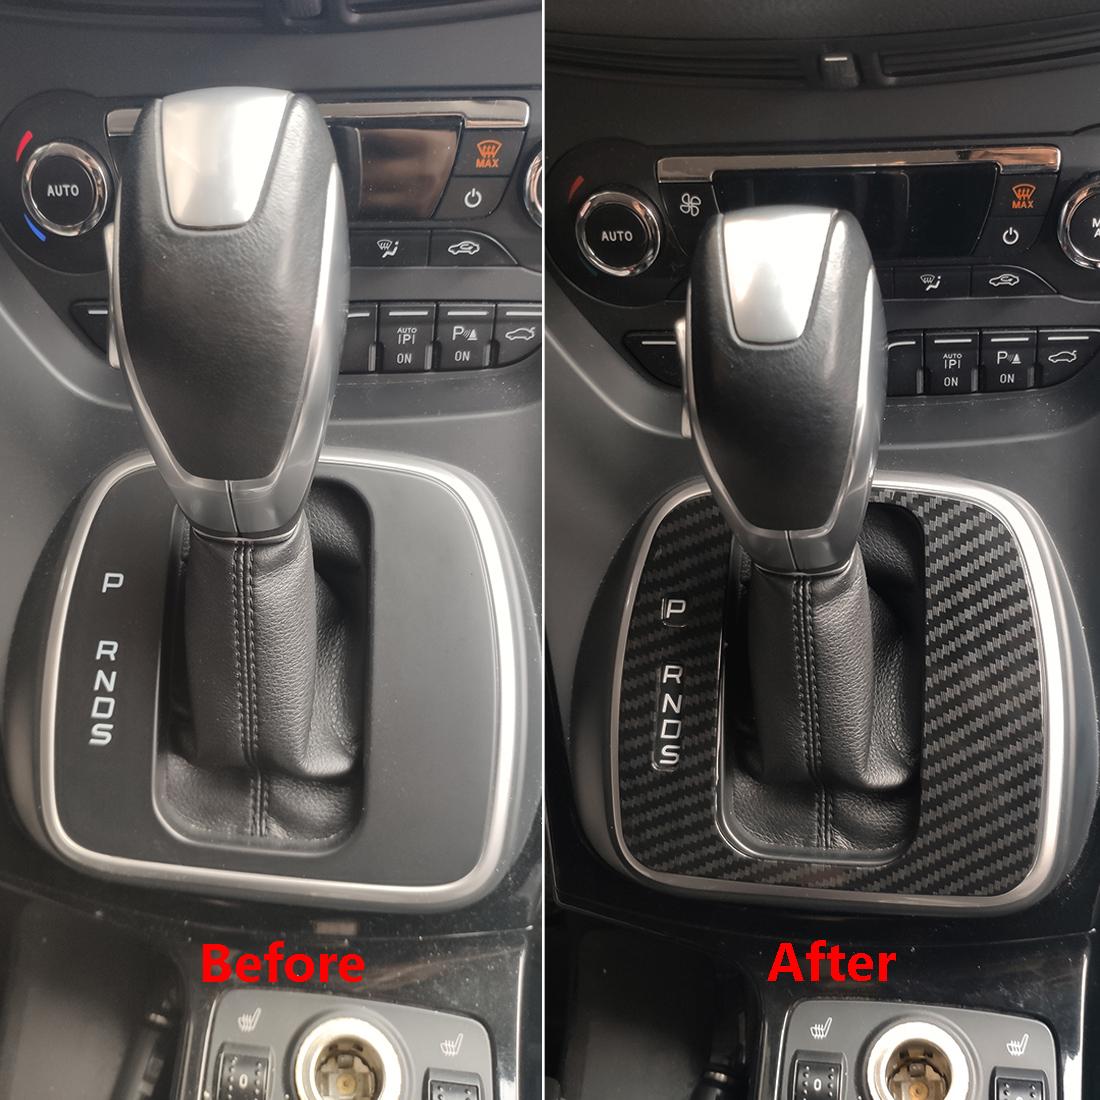 Interior Gear Shift Knob Decorator Cover Panel Trim For Ford Escape Kuga 2017